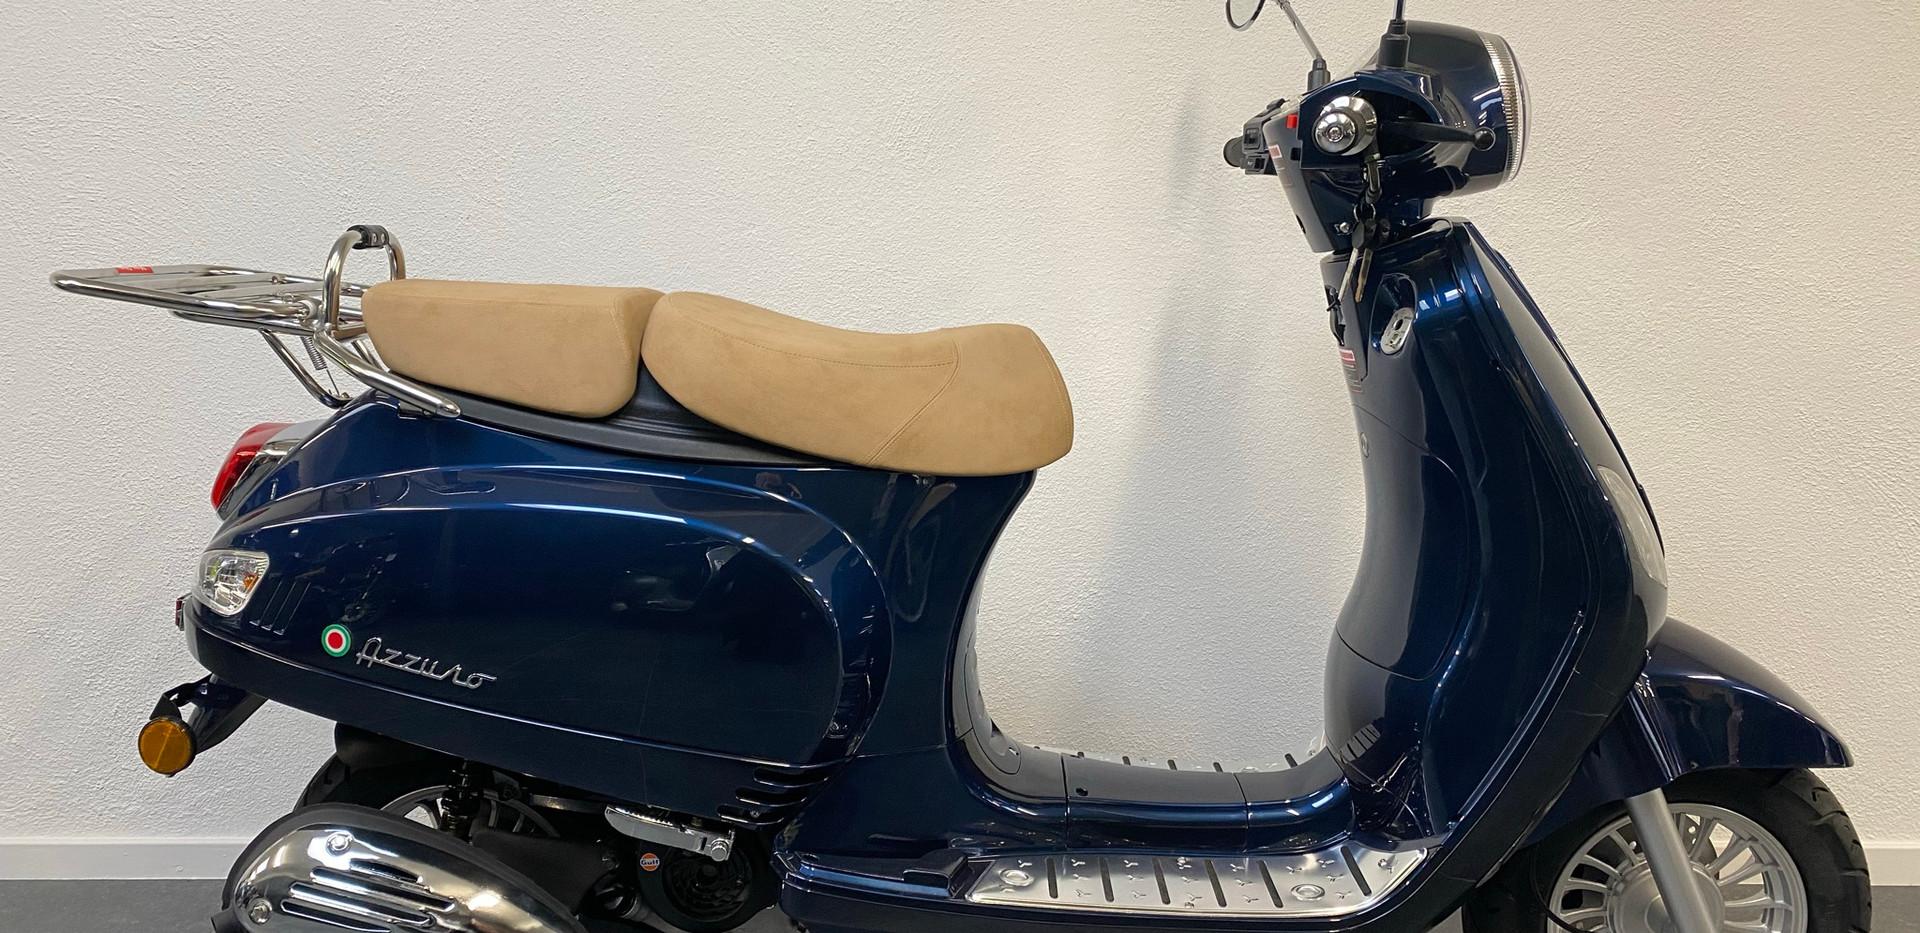 Neco Azzuro GP 4T 50 cc